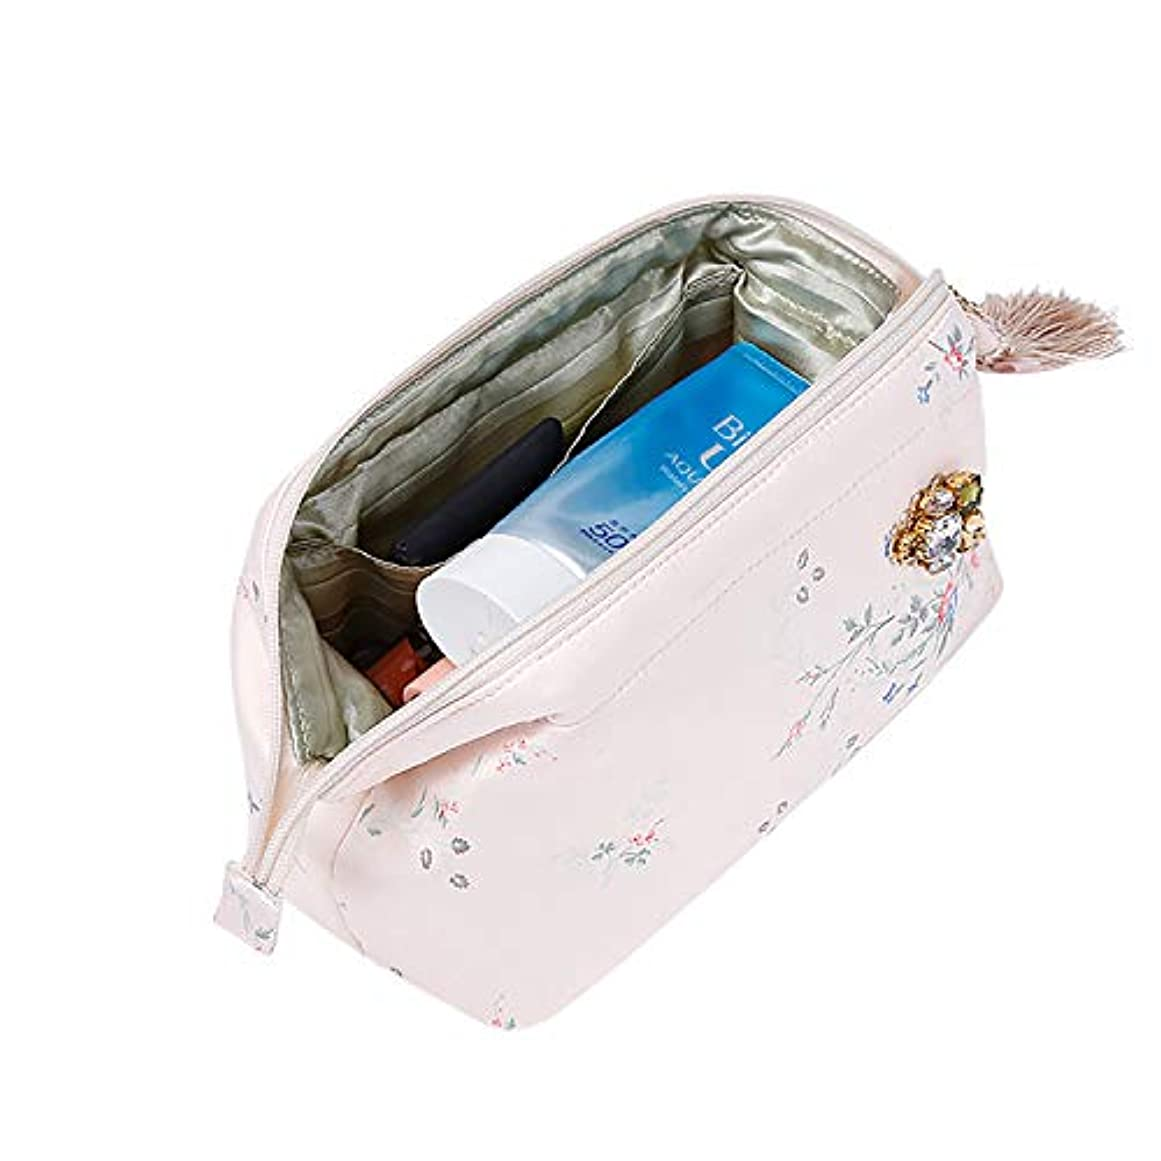 浸漬熟した手配するRownyeon 上質 メイクポーチ 大容量 花柄 化粧ポーチ コスメポーチ ブラシいれ付き 携帯用 和風 ピンク おしゃれ 可愛い 機能的 バニティポーチ プレゼント